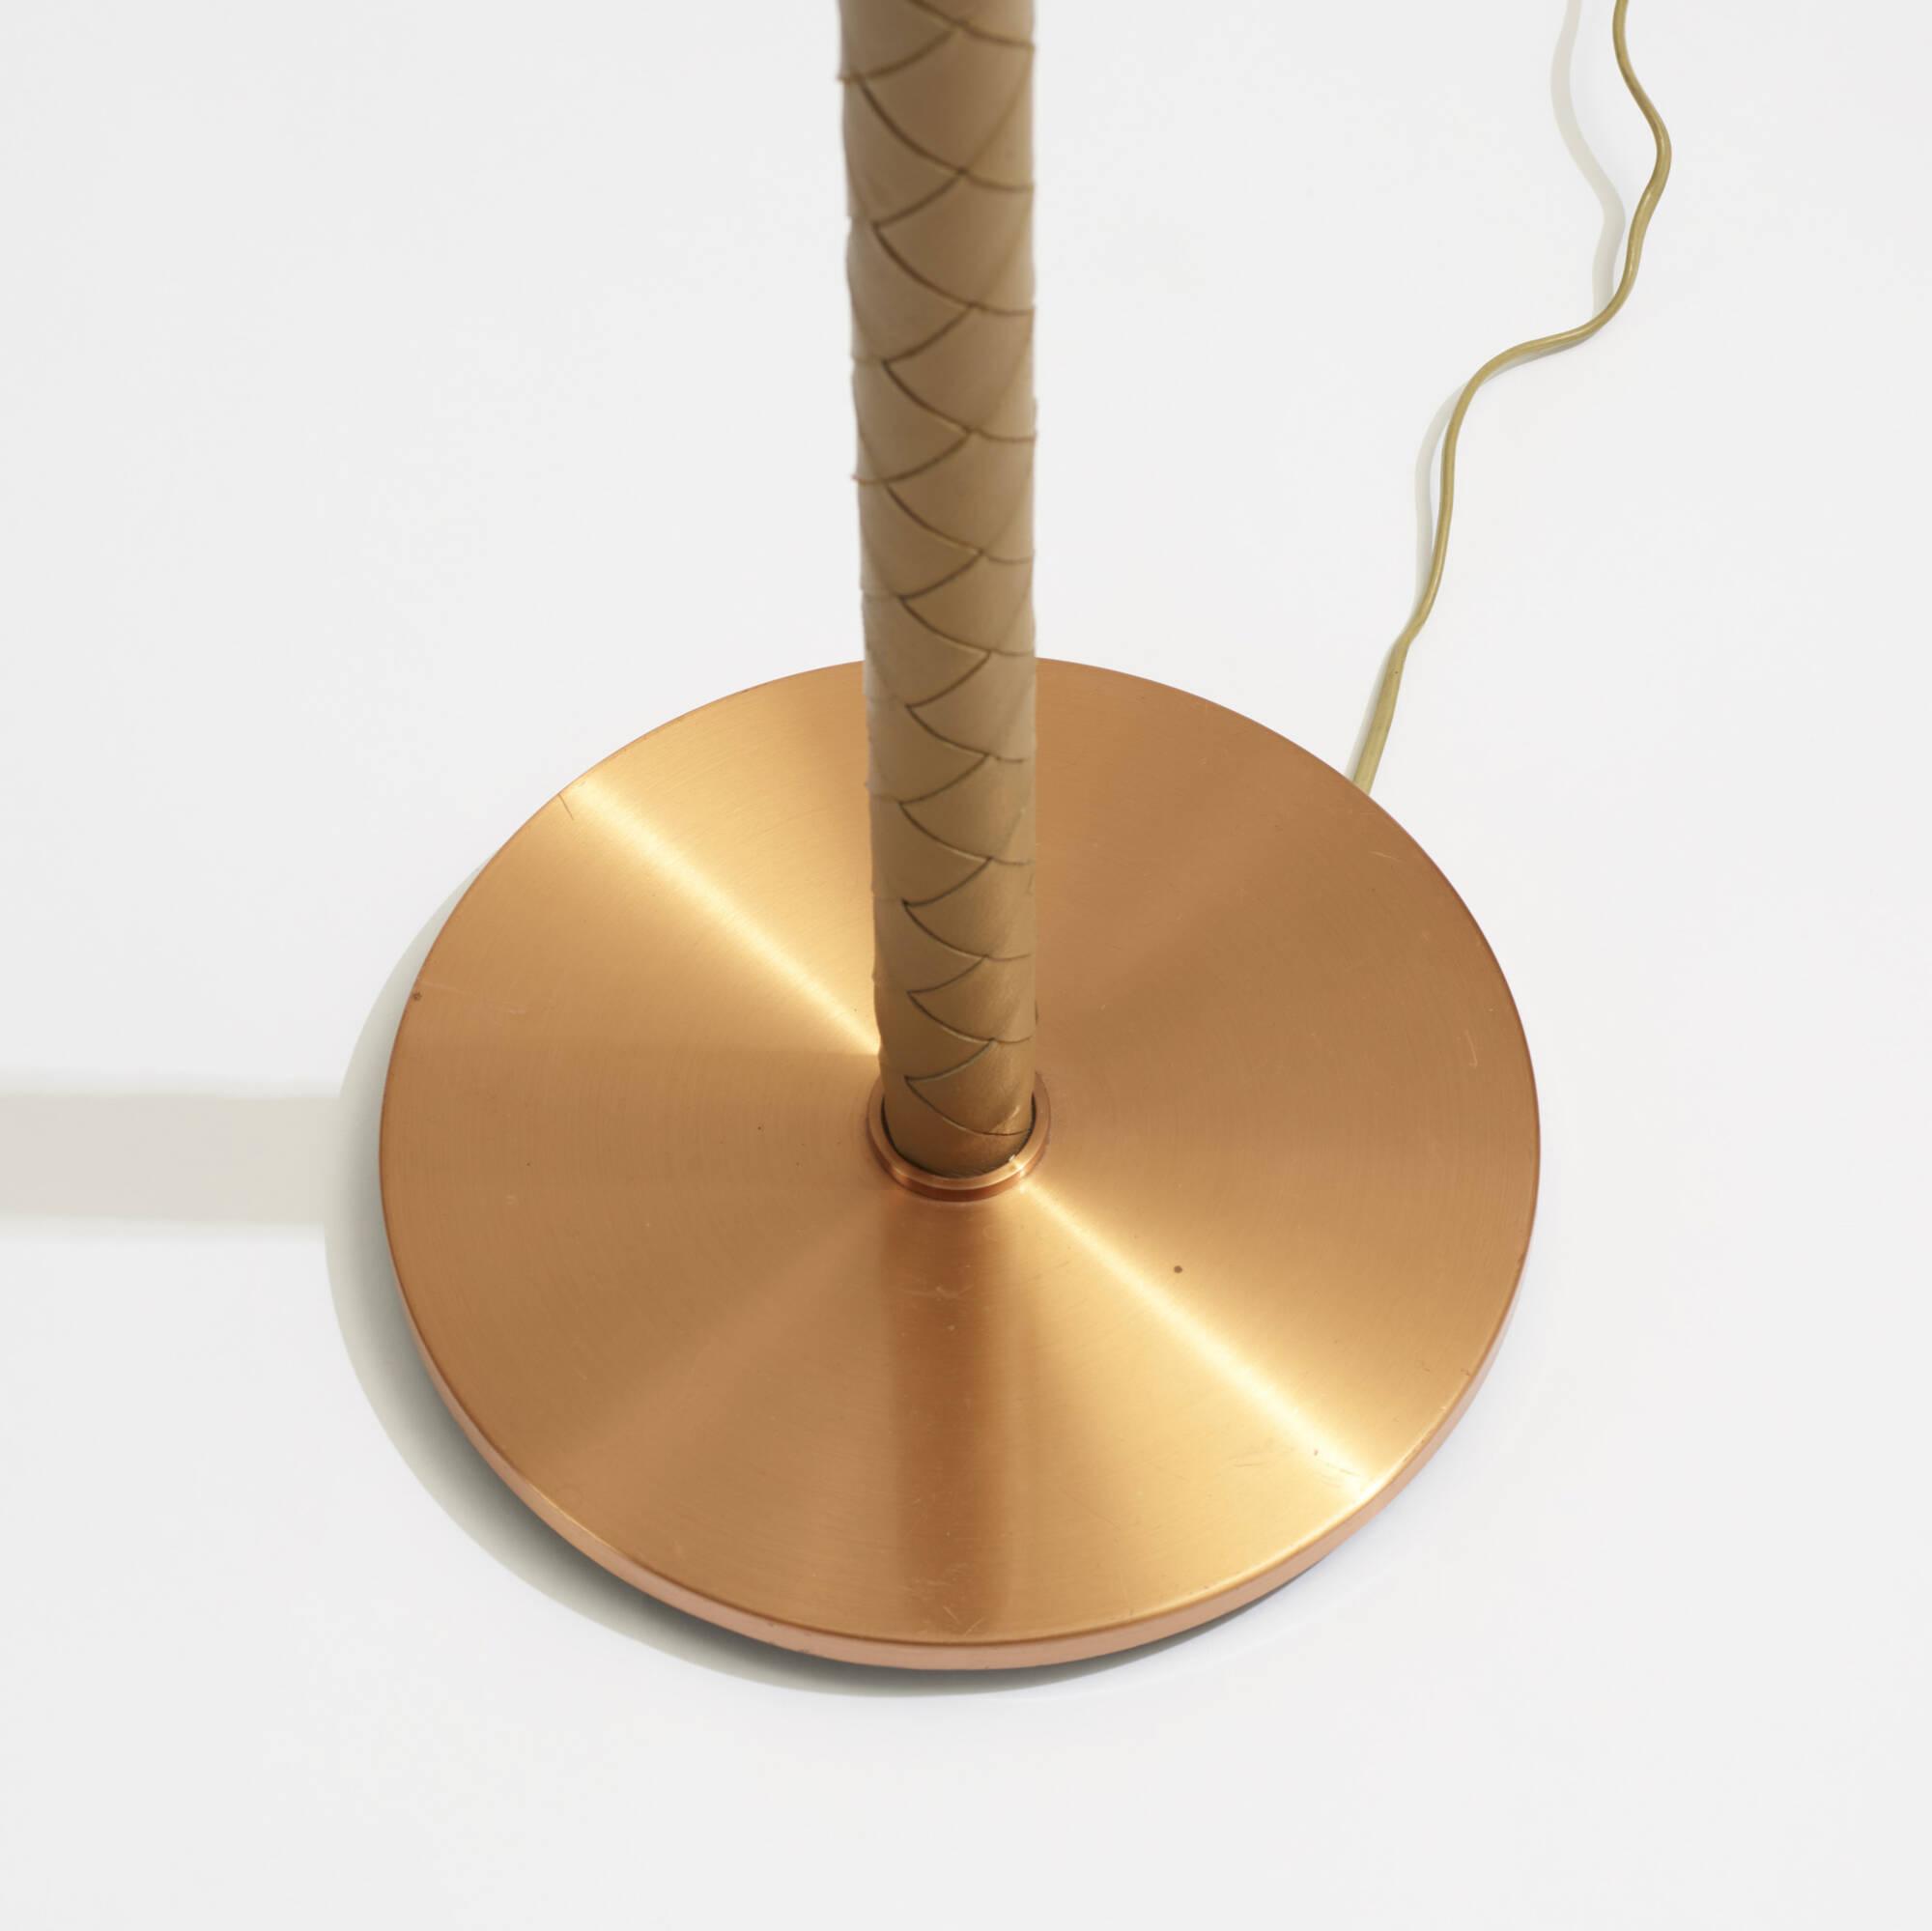 215: Scandinavian / floor lamps, pair (2 of 2)